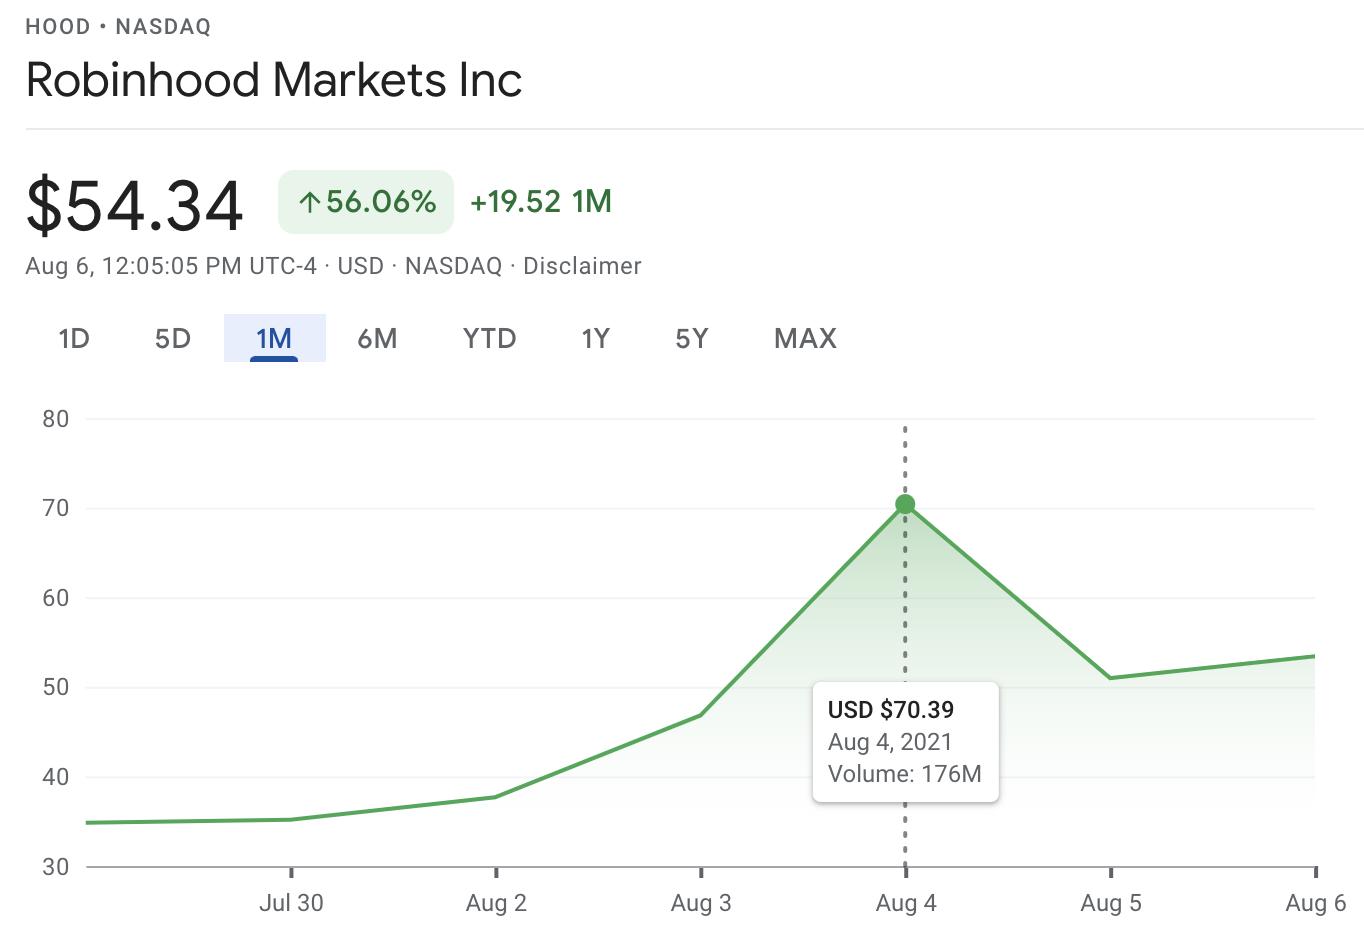 NASDAQ 1M chart of Robinhood Markets